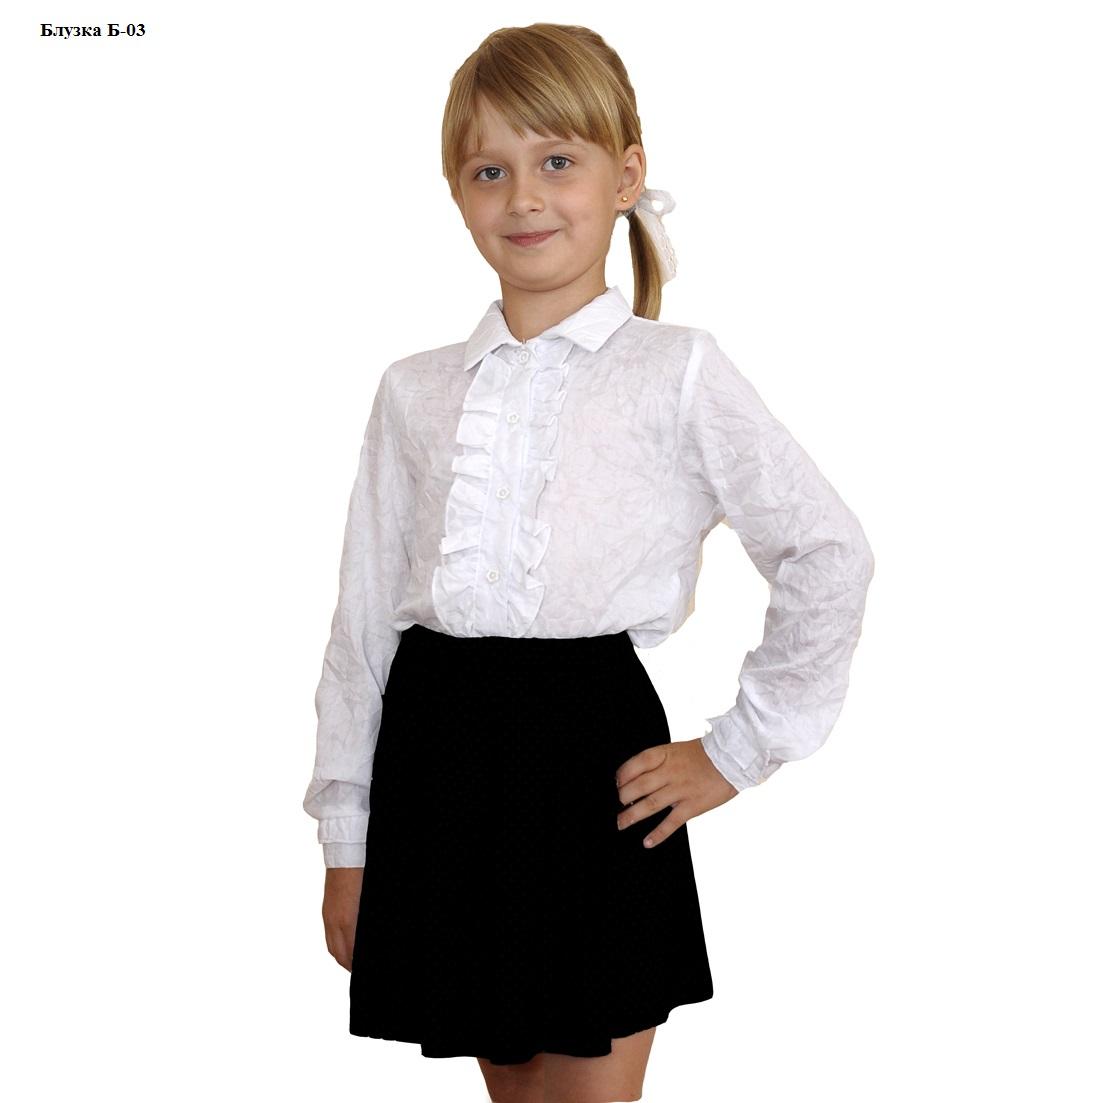 Школьная Блузка Купить С Доставкой